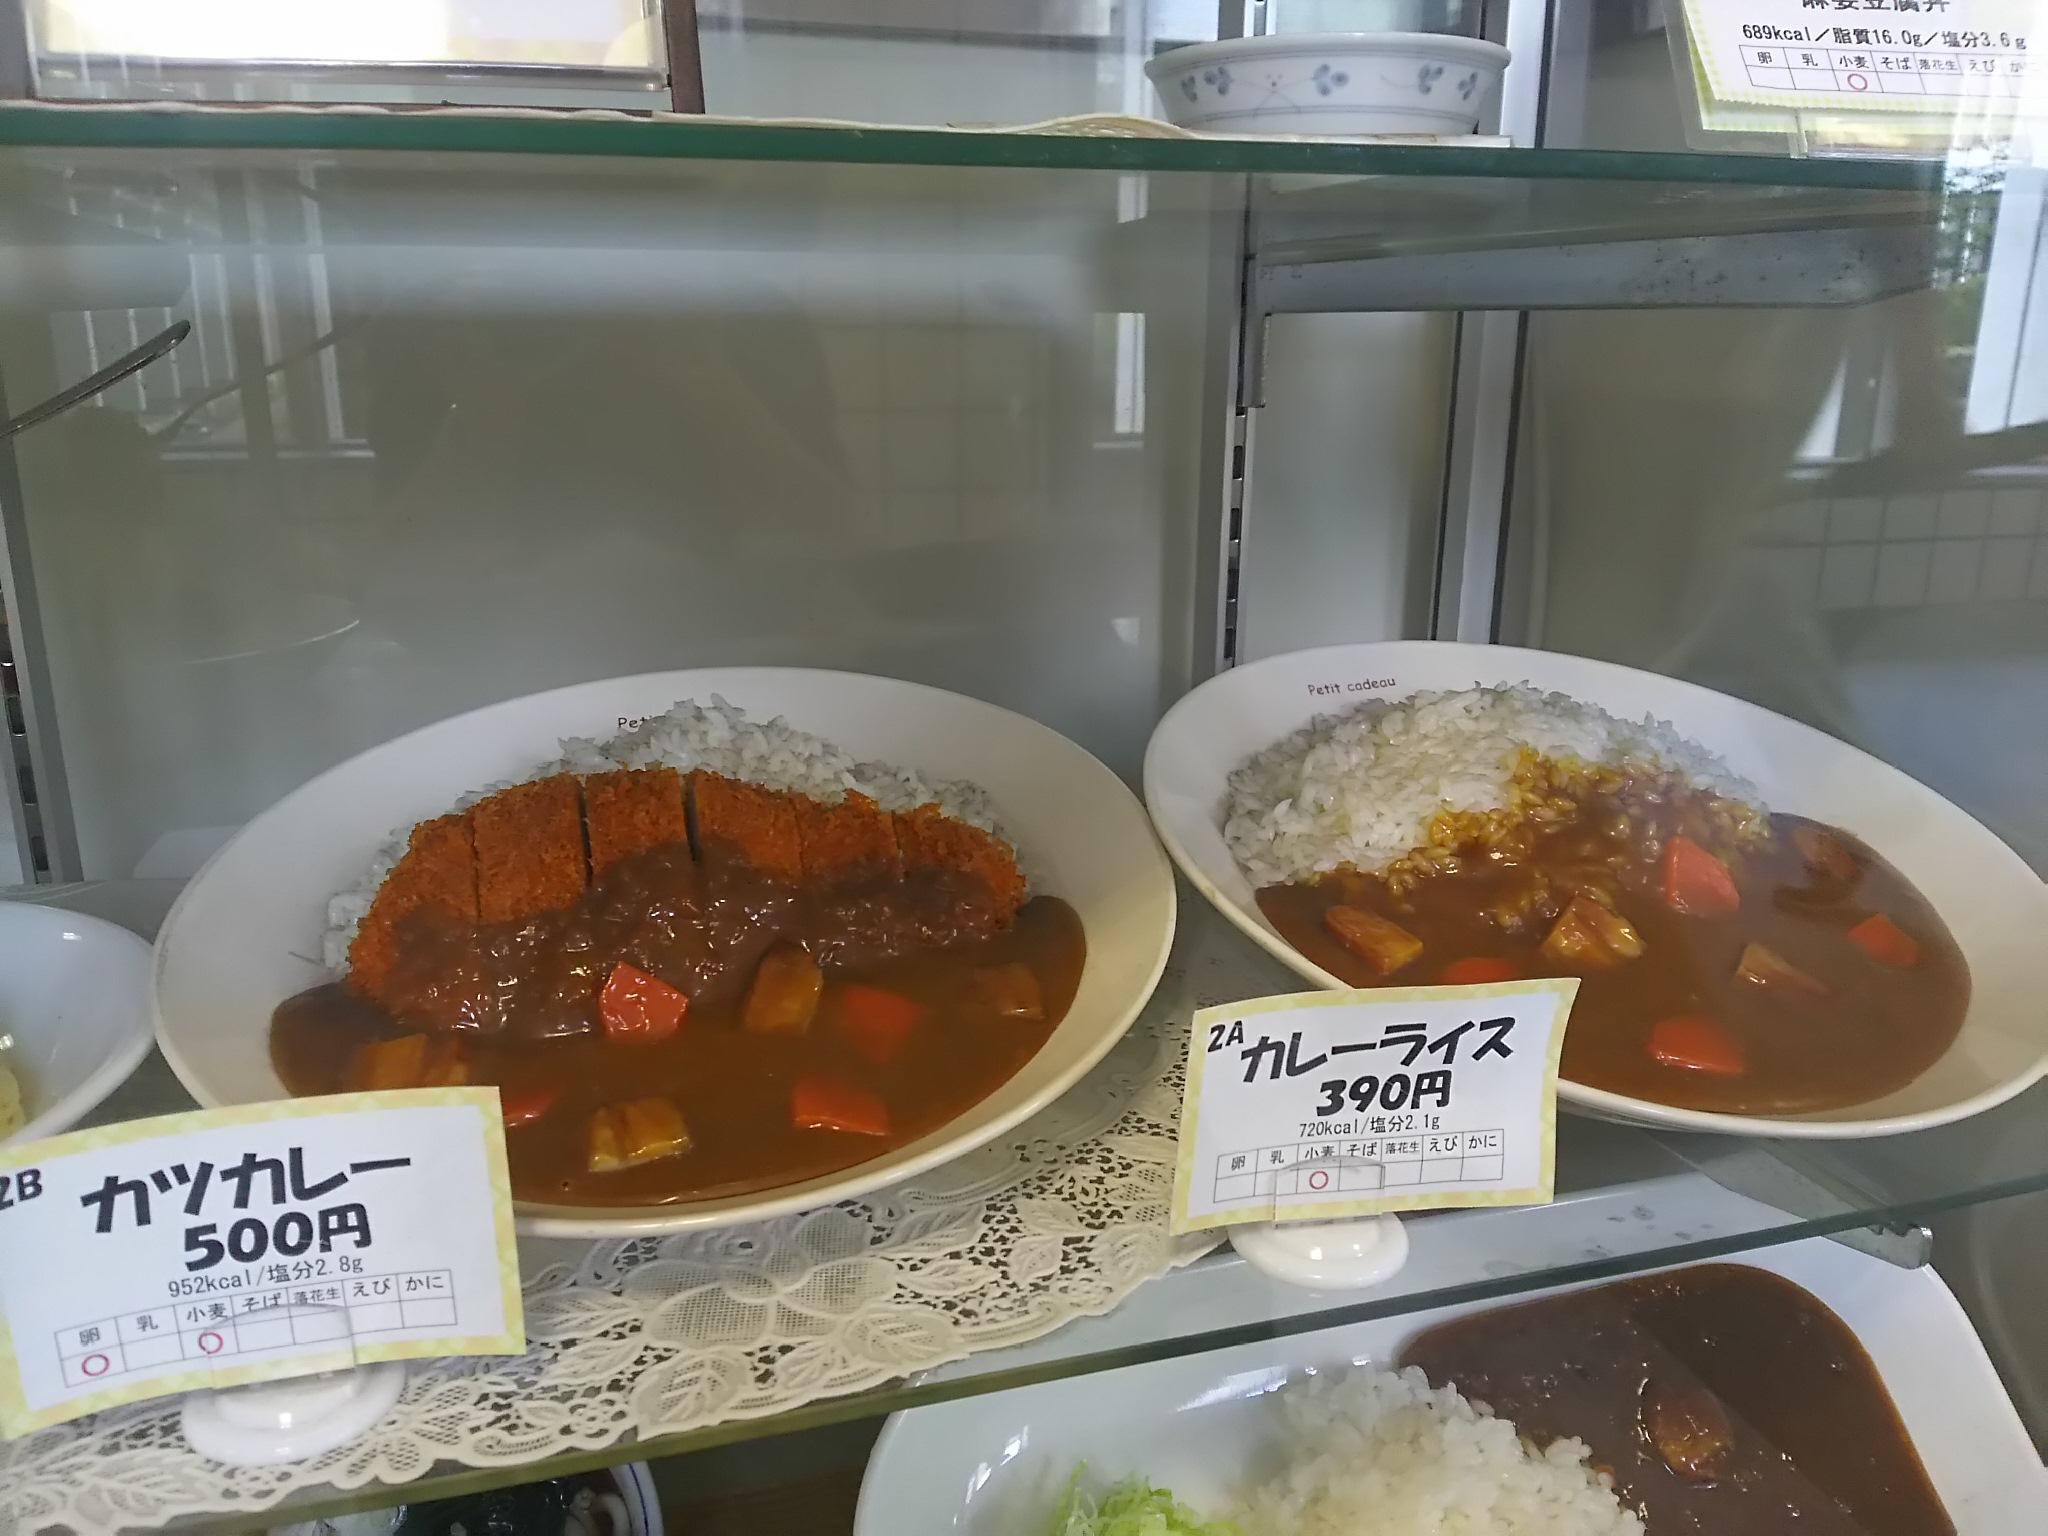 目黒区役所のカツカレーは500円でコスパ良すぎな件。